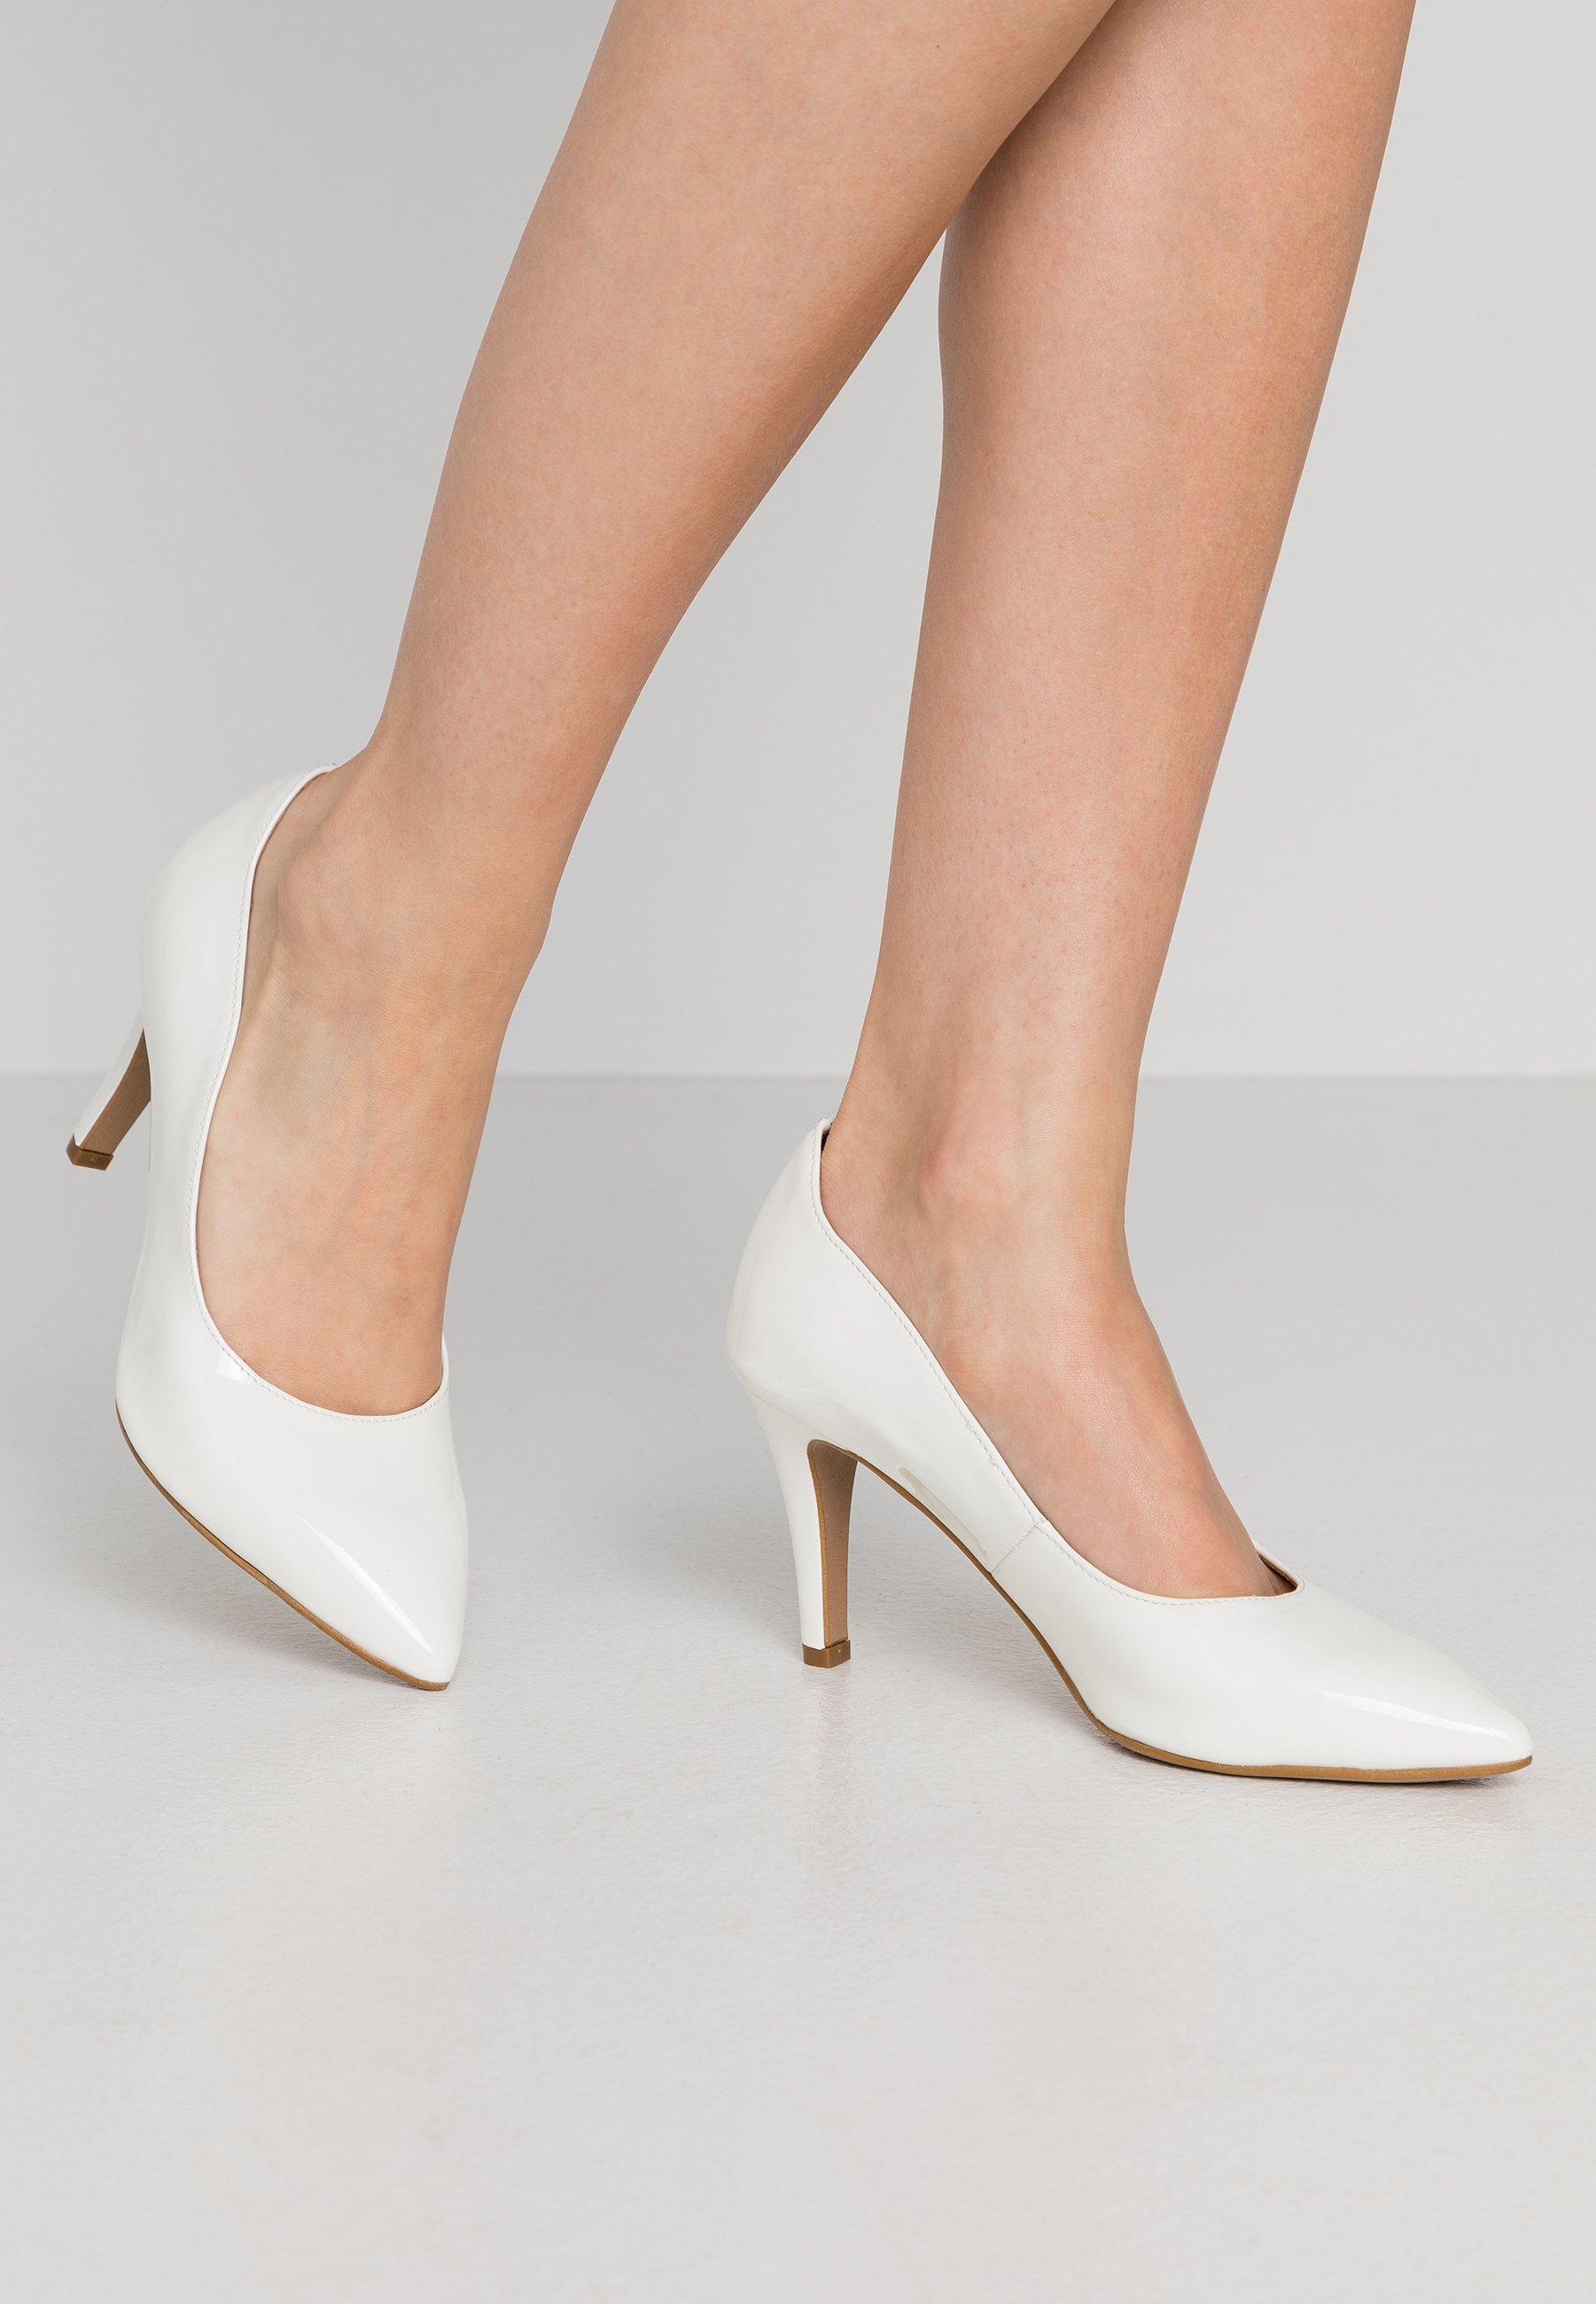 Scarpe da sposa bianco | La collezione su Zalando